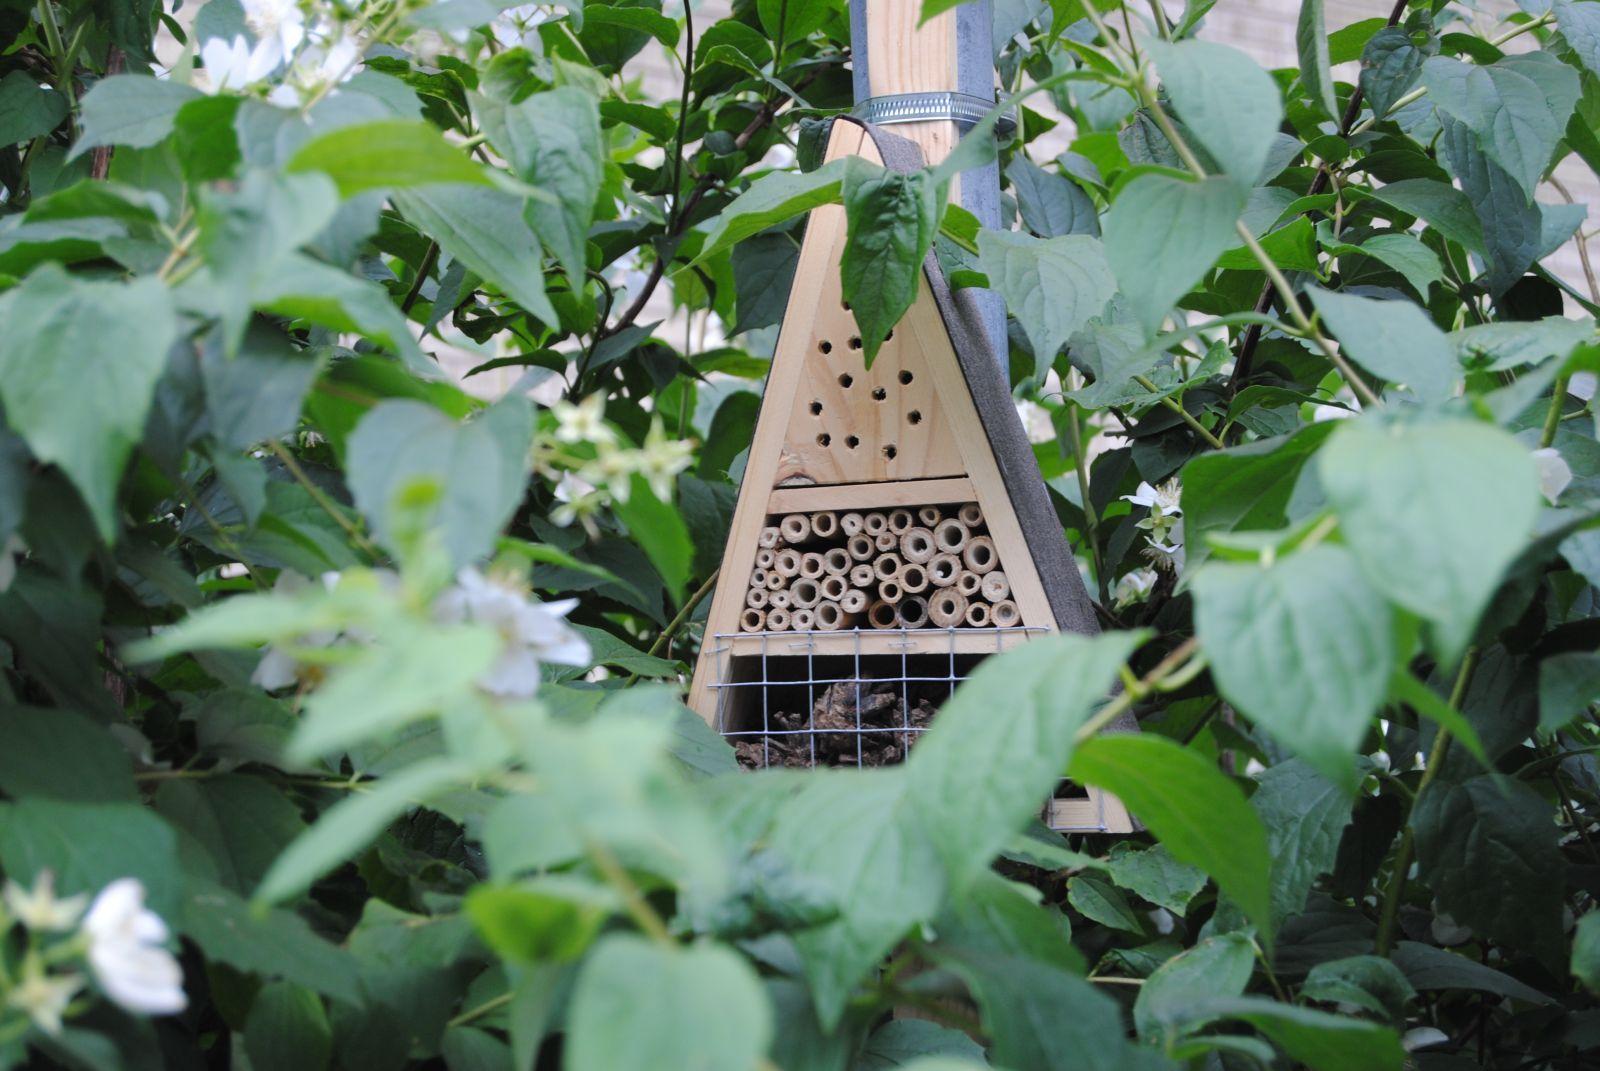 Föreningen har ett flertal insektshotell.